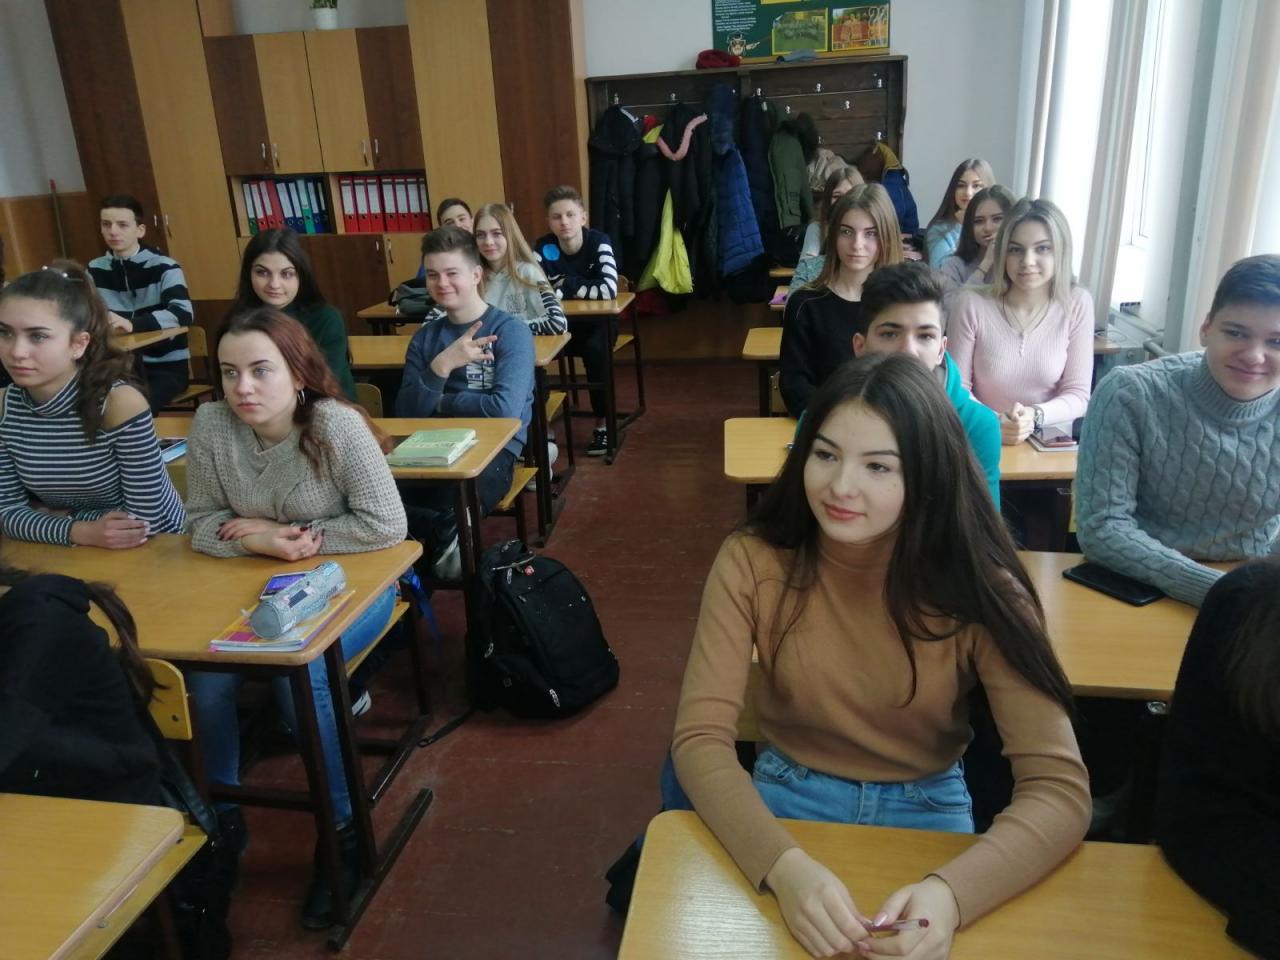 http://dunrada.gov.ua/uploadfile/archive_news/2020/02/25/2020-02-25_8653/images/images-43994.jpg